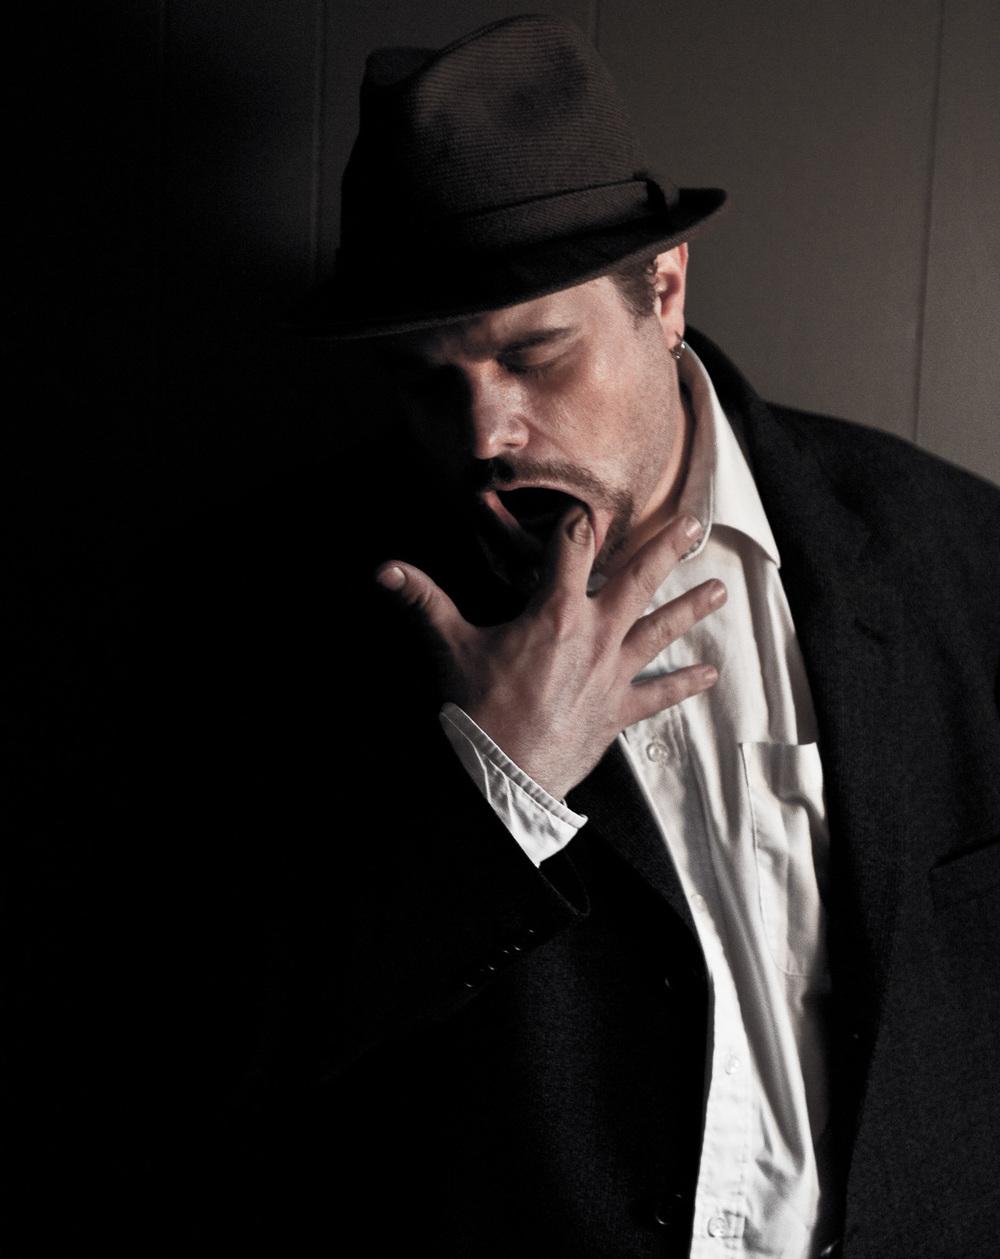 2010-04-10_film-noir_140.jpg